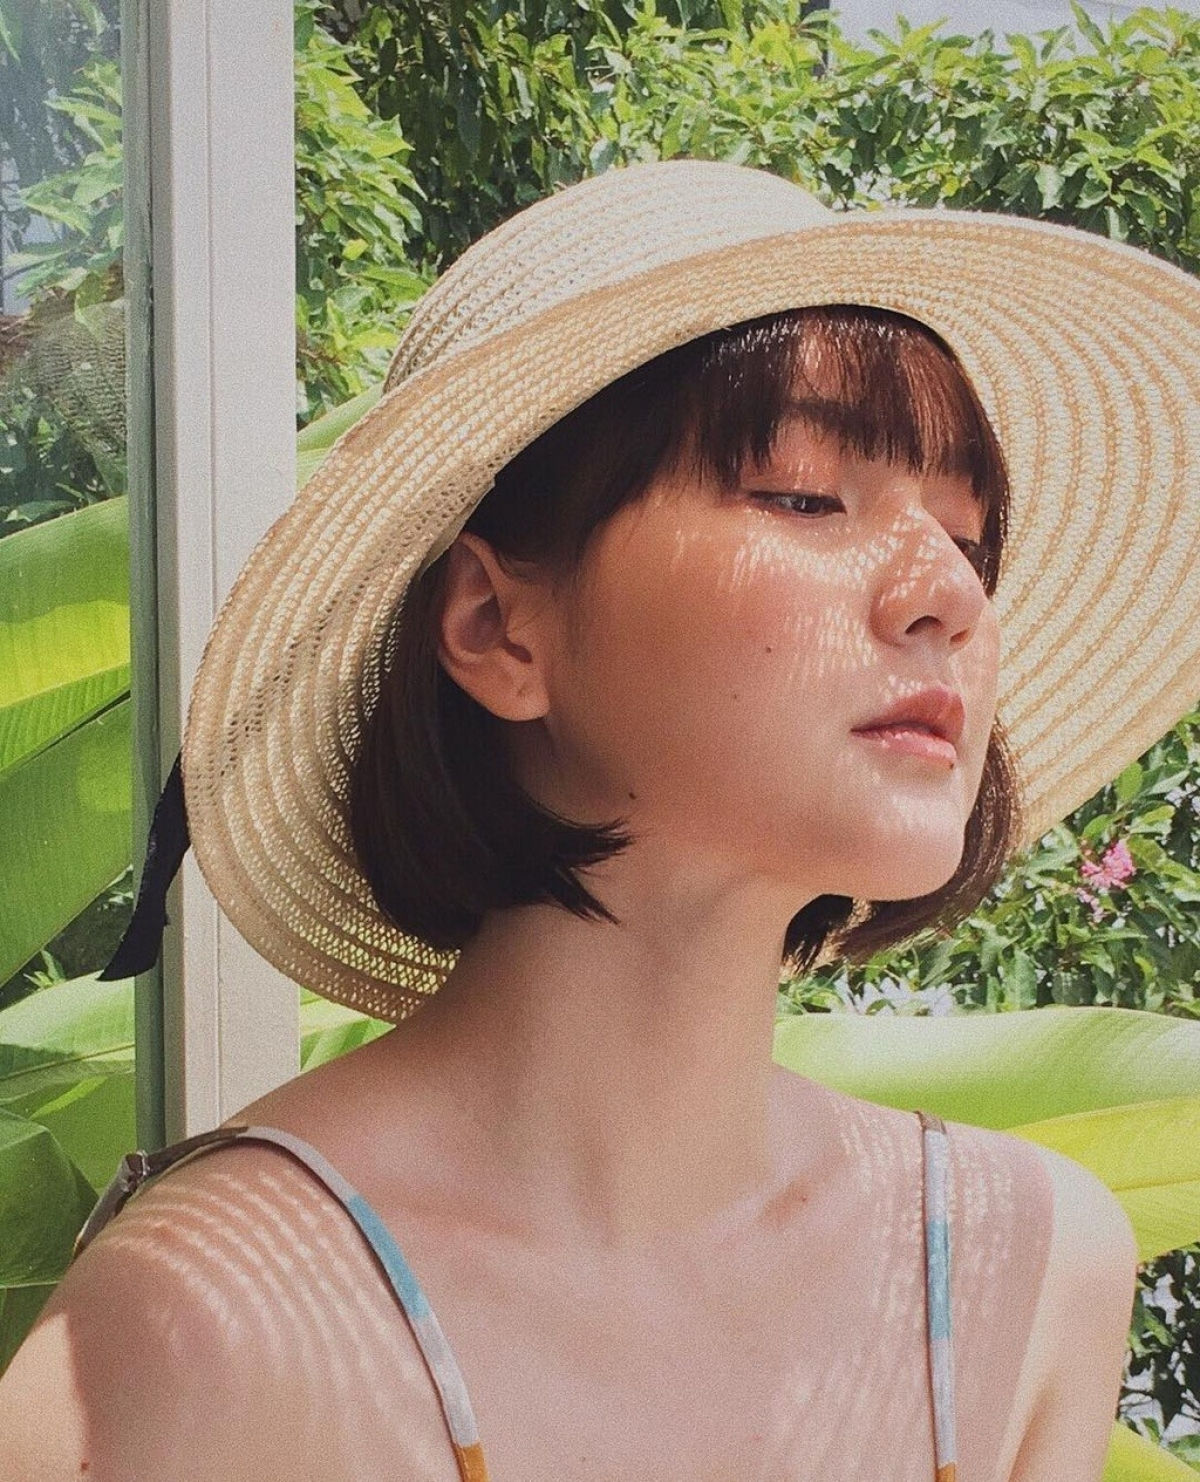 M-TP Talent công bố nữ diễn viên độc quyền đầu tiên: Nhan